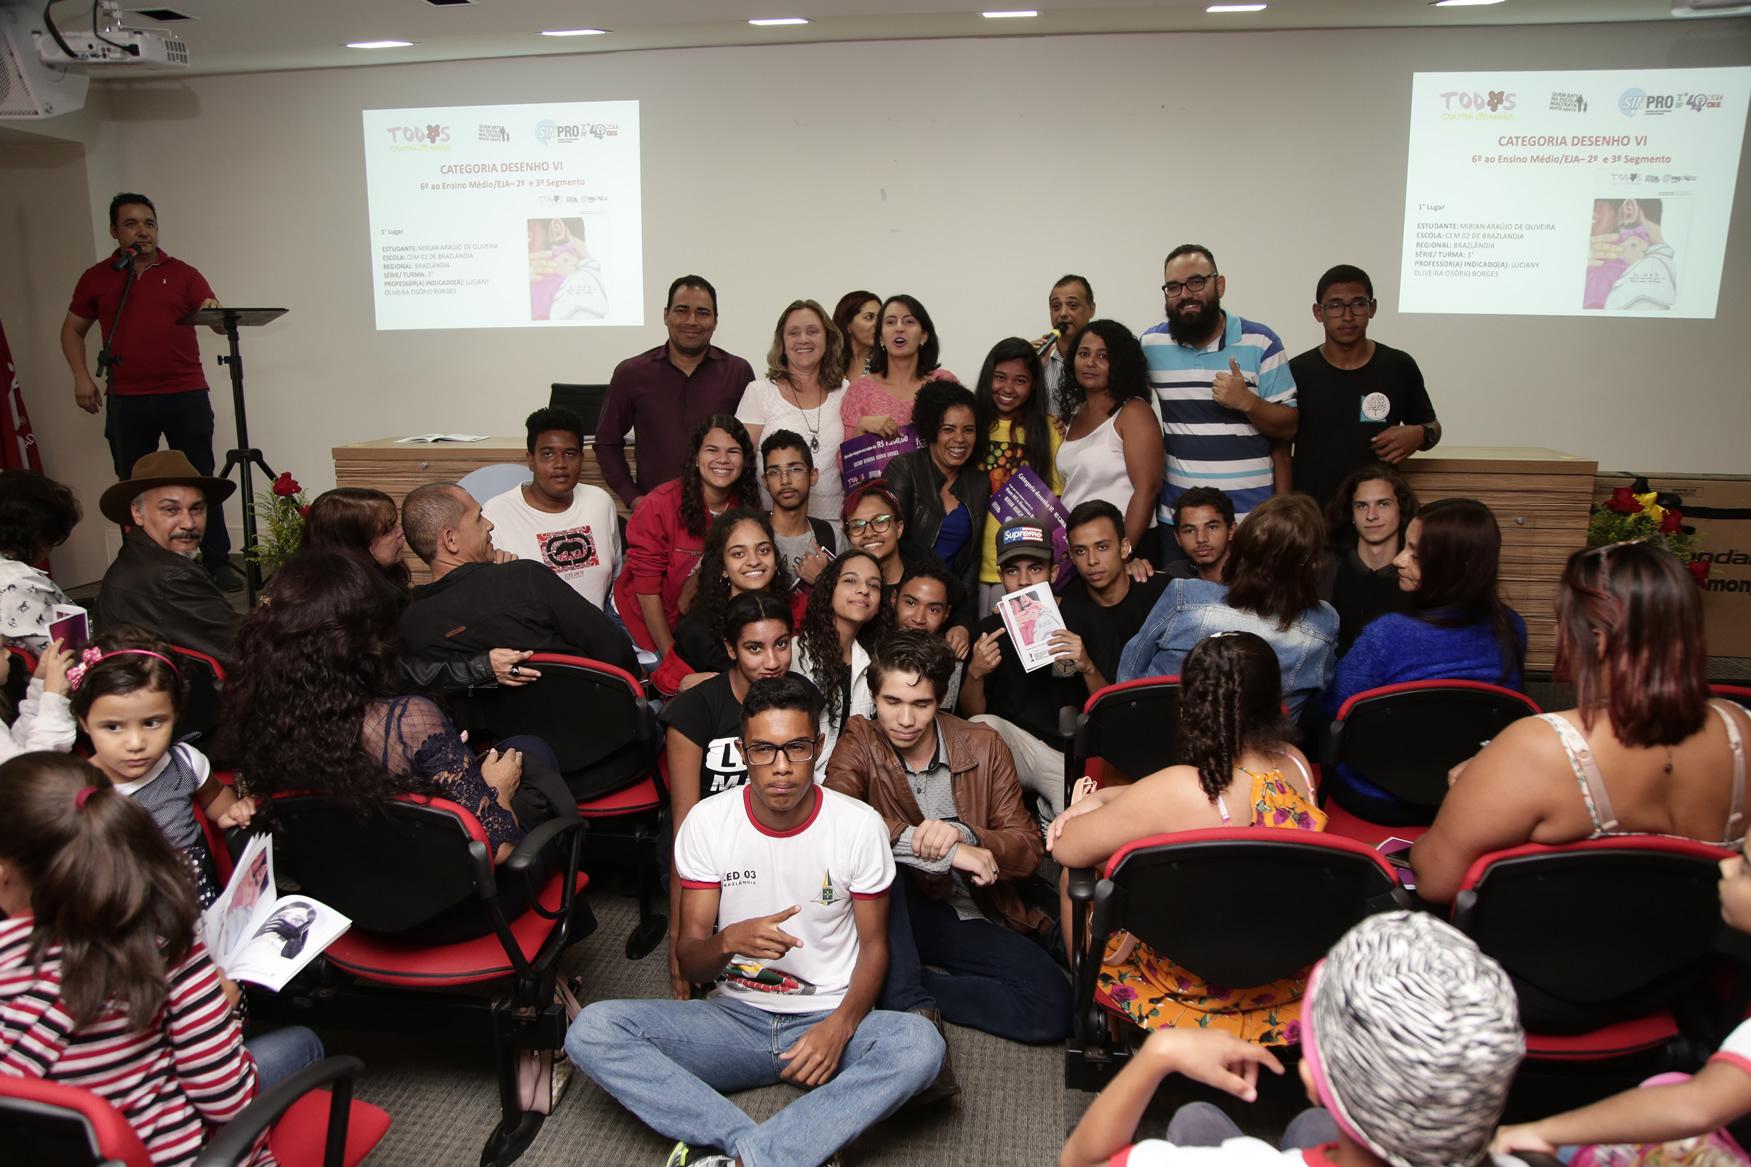 2019.05.19-Premiacao-do-X-Concurso-de-Redacao-do-Sinpro-DF_fotos-ECOM-83